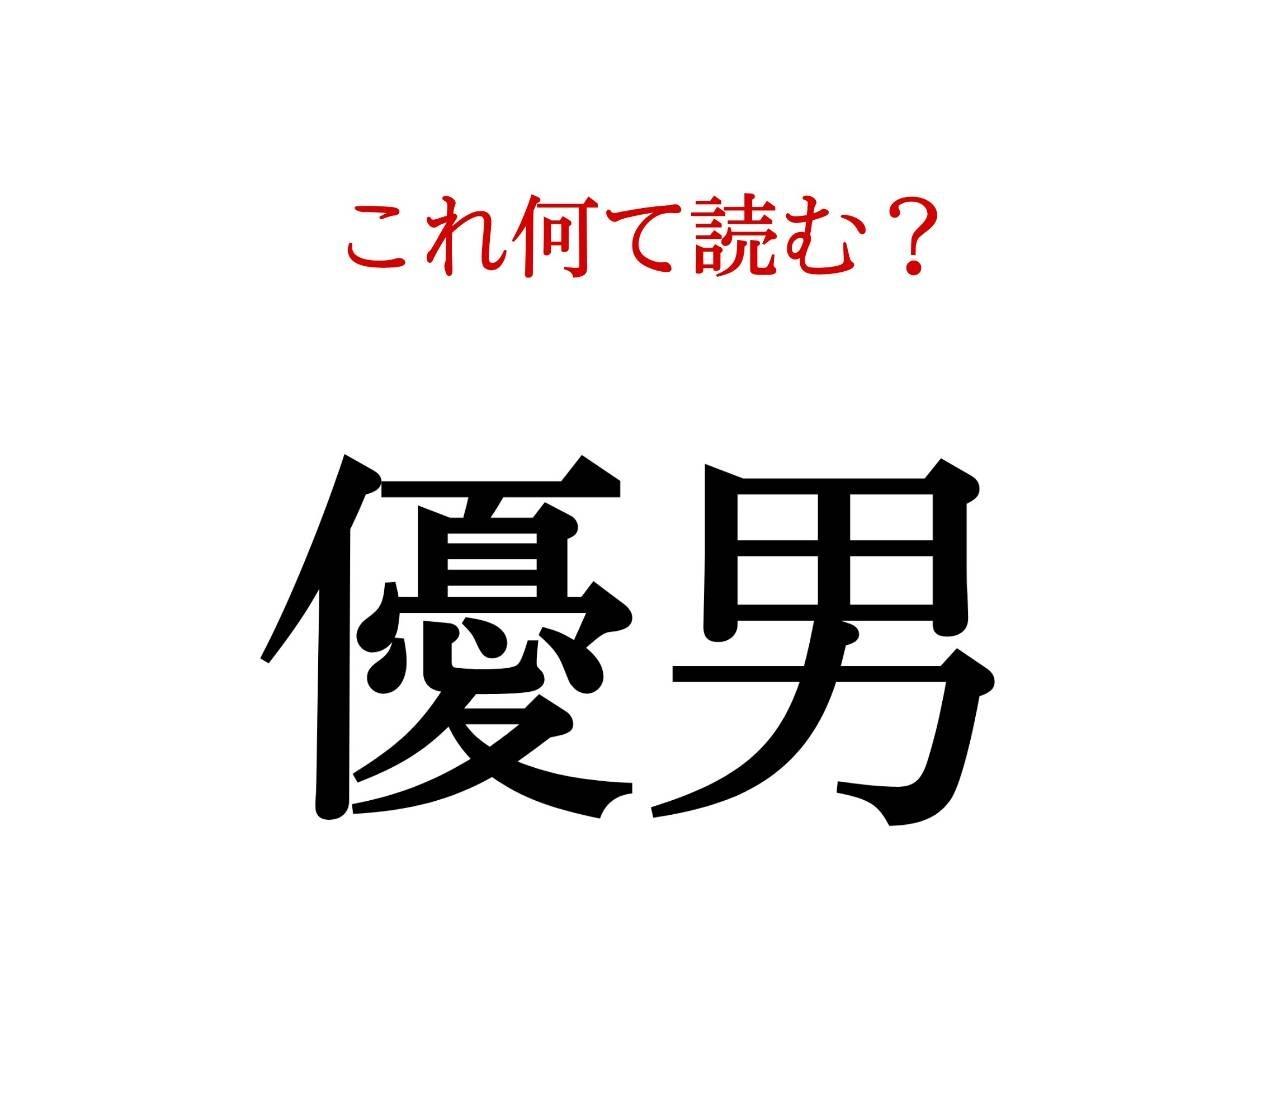 「優男」:この漢字、自信を持って読めますか?【働く大人の漢字クイズvol.29】